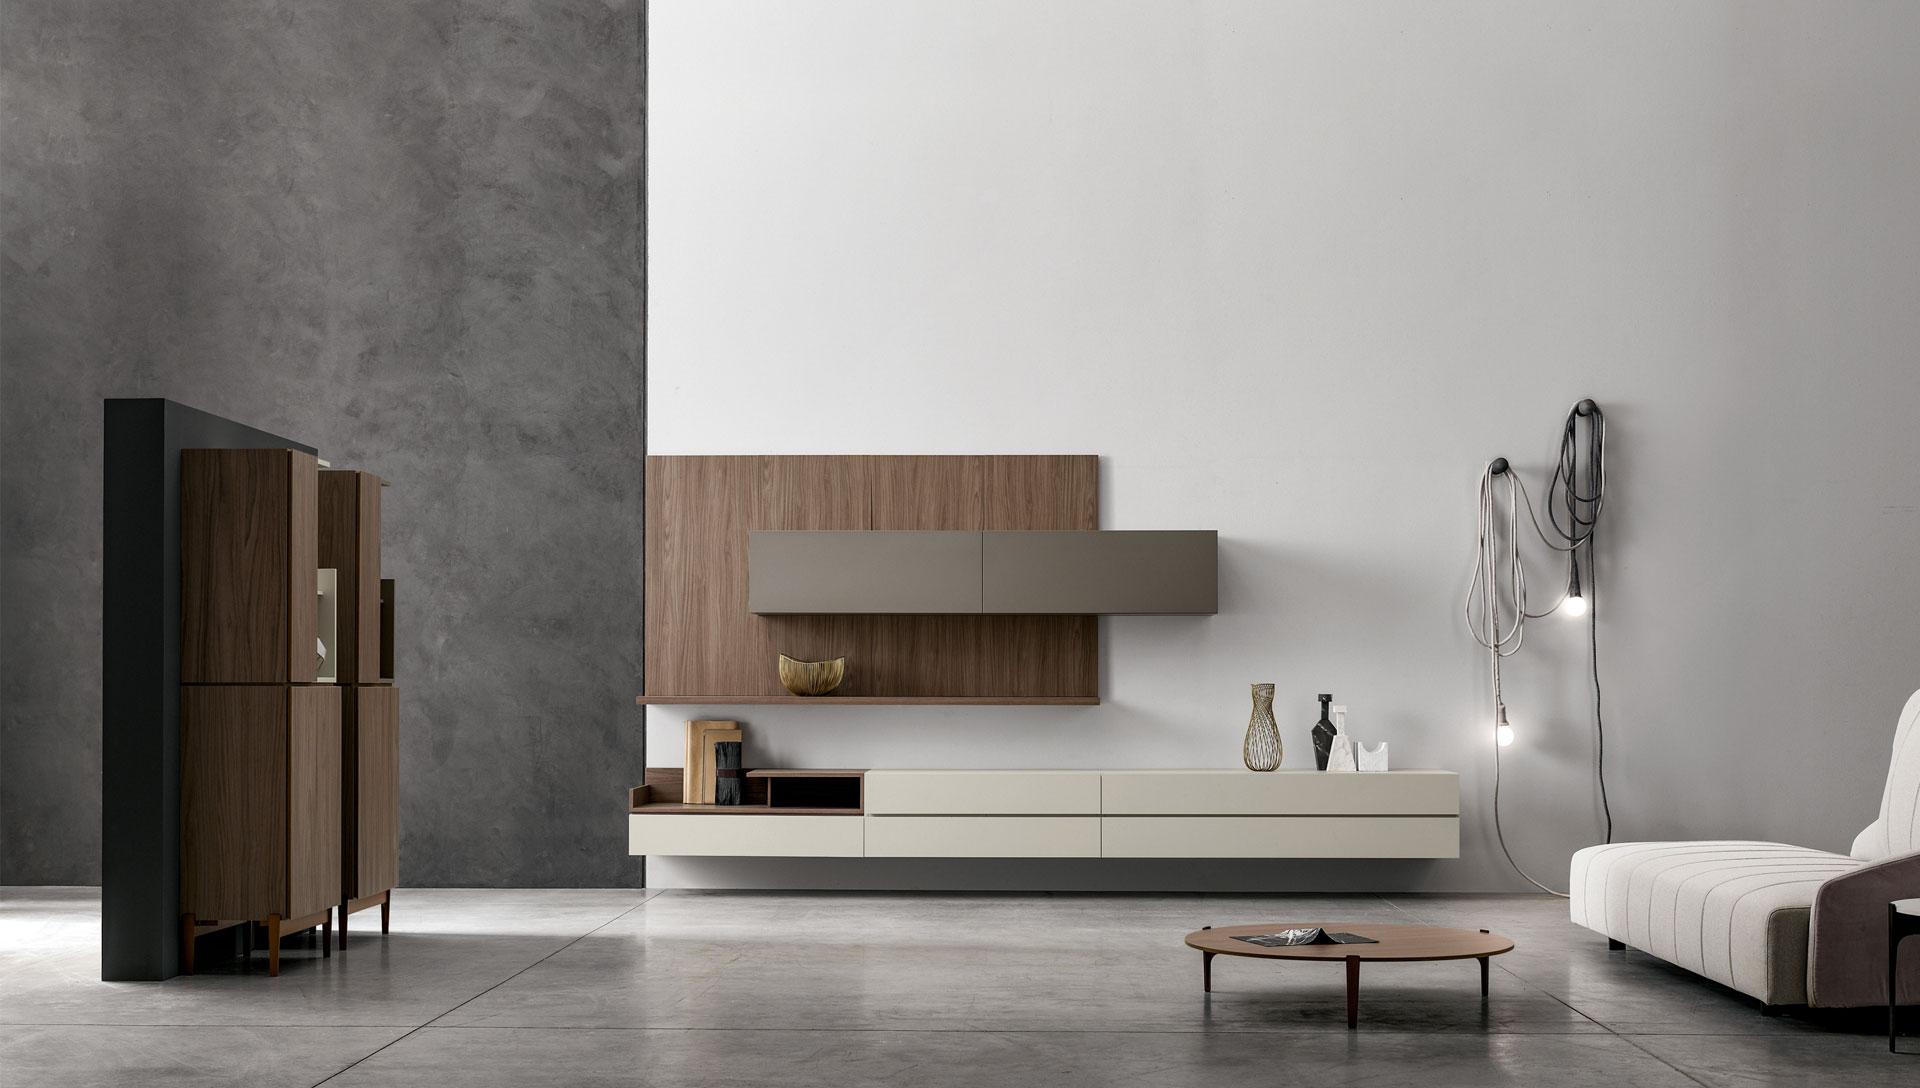 complementi-arredo-santalucia-comodus-arredamenti-nicoletti-interni-interior-design-divani-complementi-arredo-mobili-design-accessori-matera